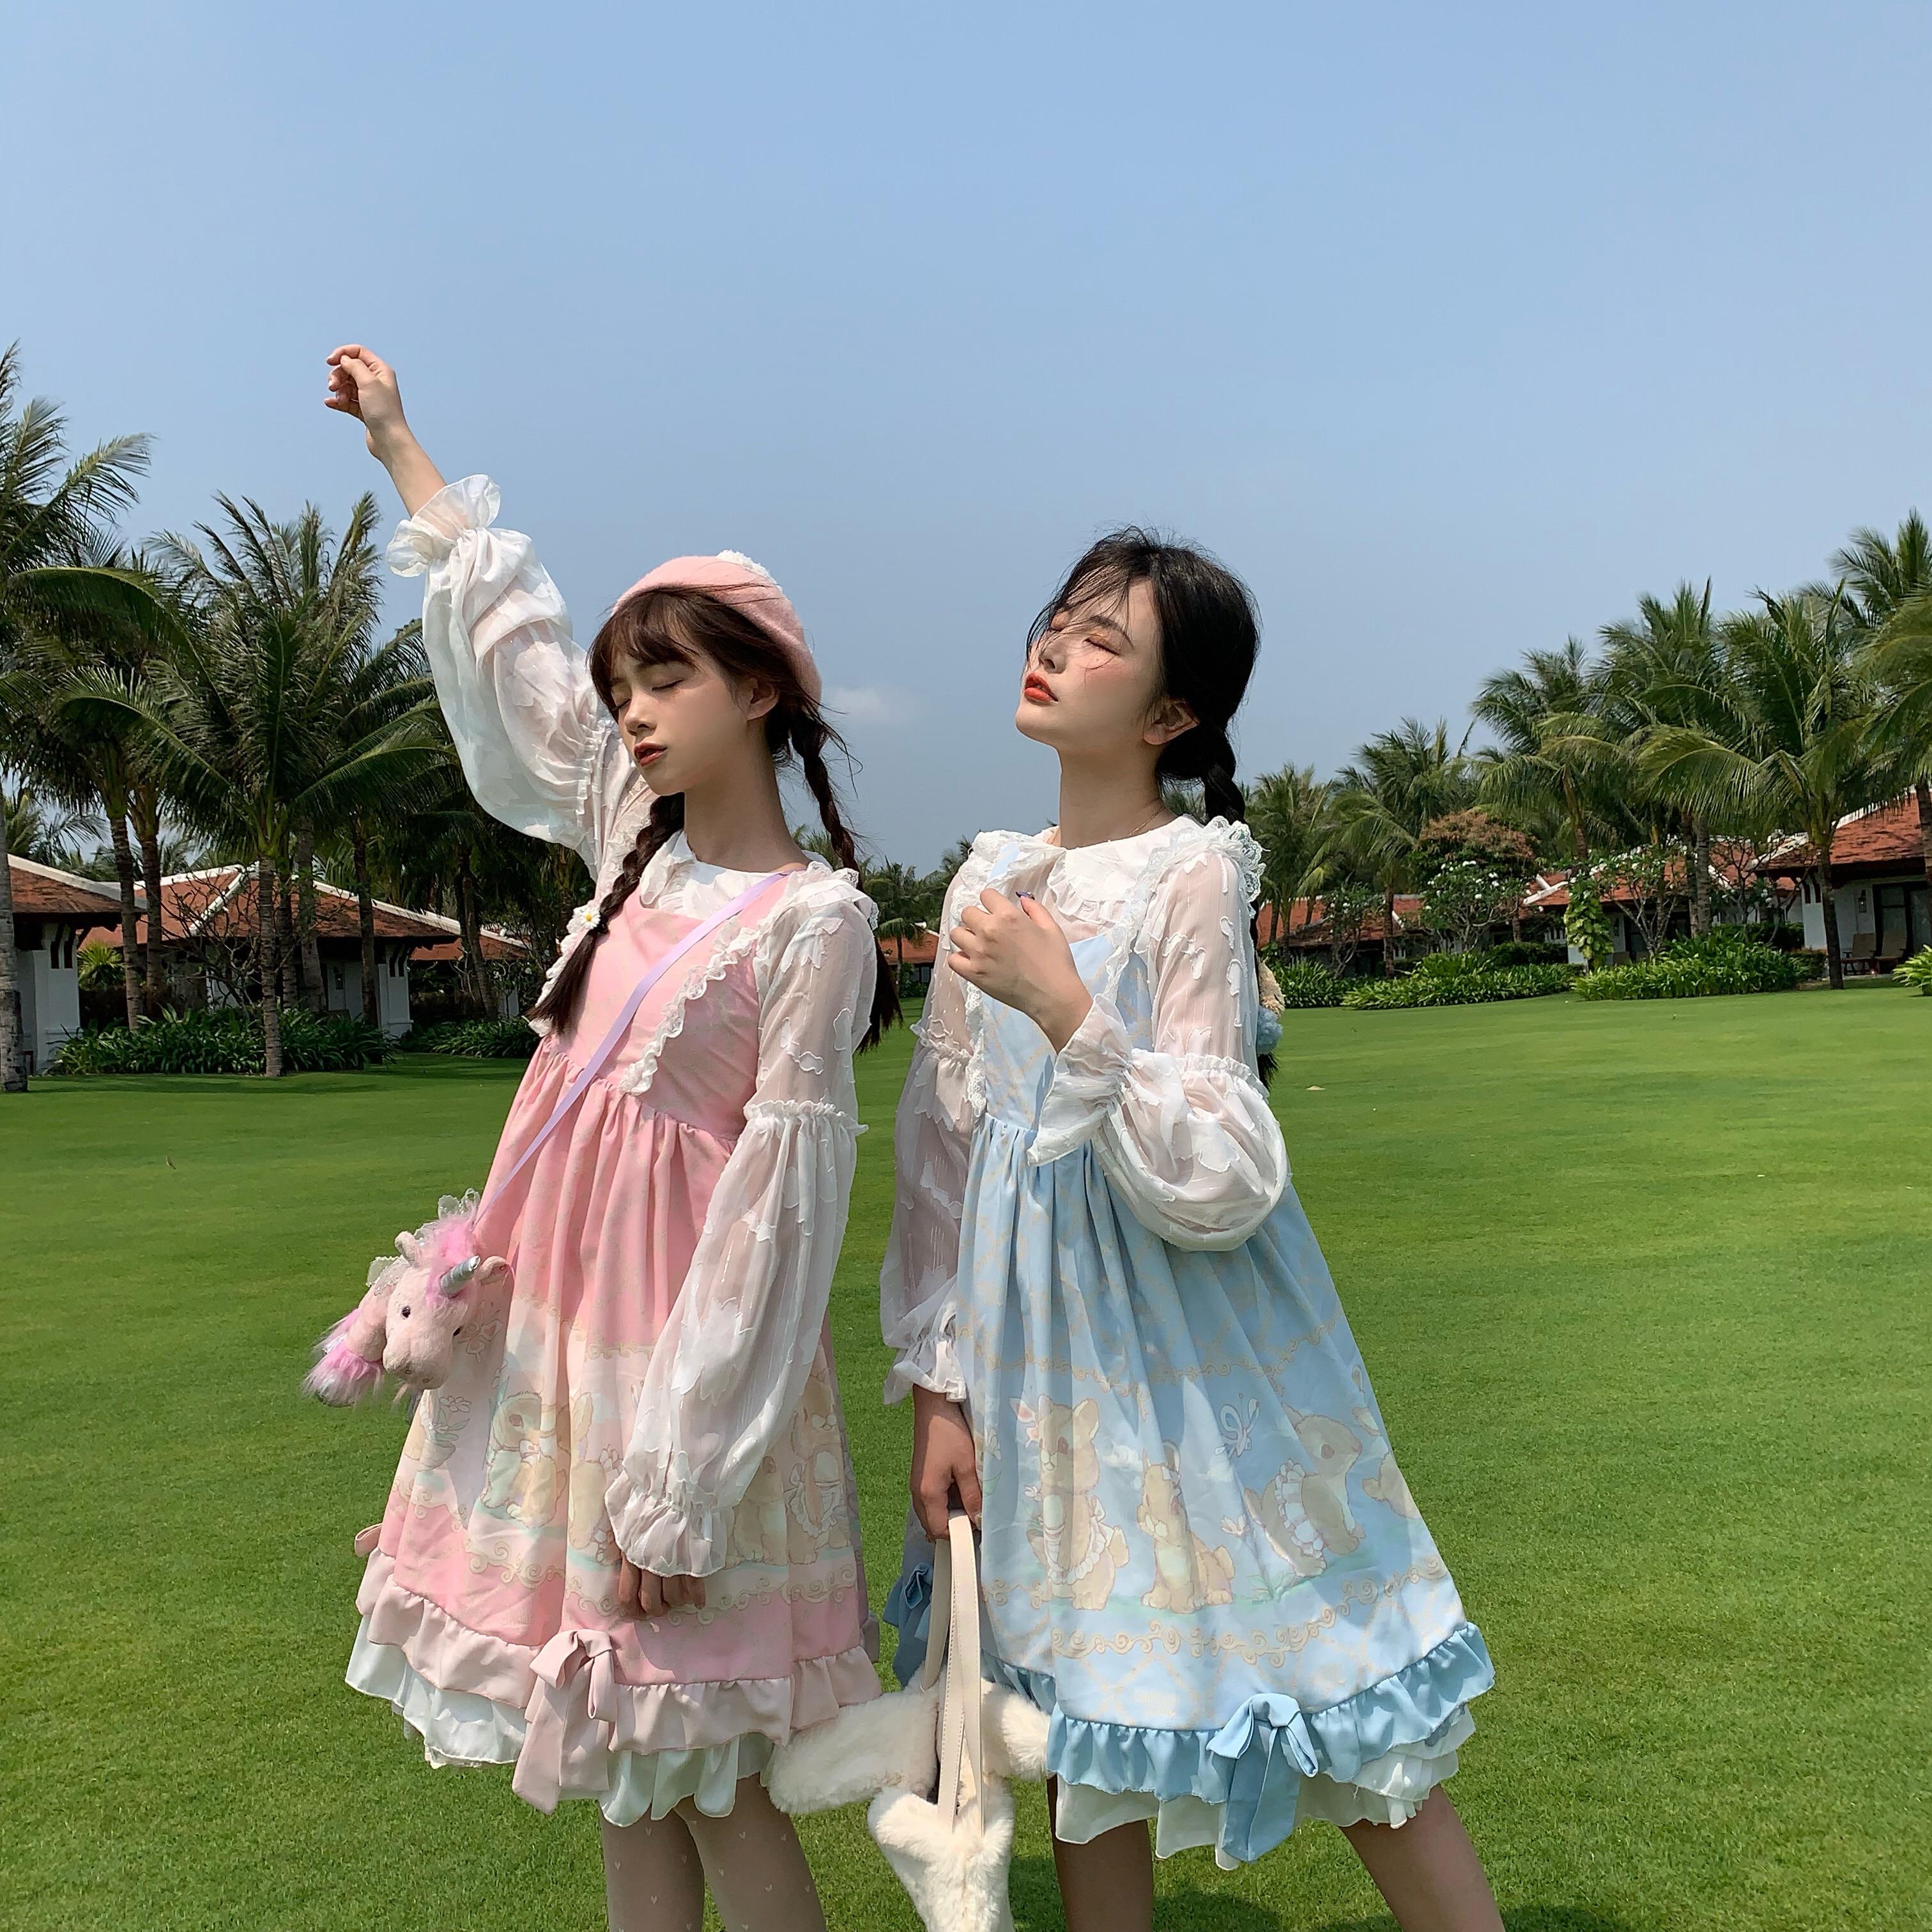 Vadim nouveau réel 2019 Sennu veut aller à la plage.) Écureuil lapin doux fille imprimé Lolita robe japonaise originale Style printemps